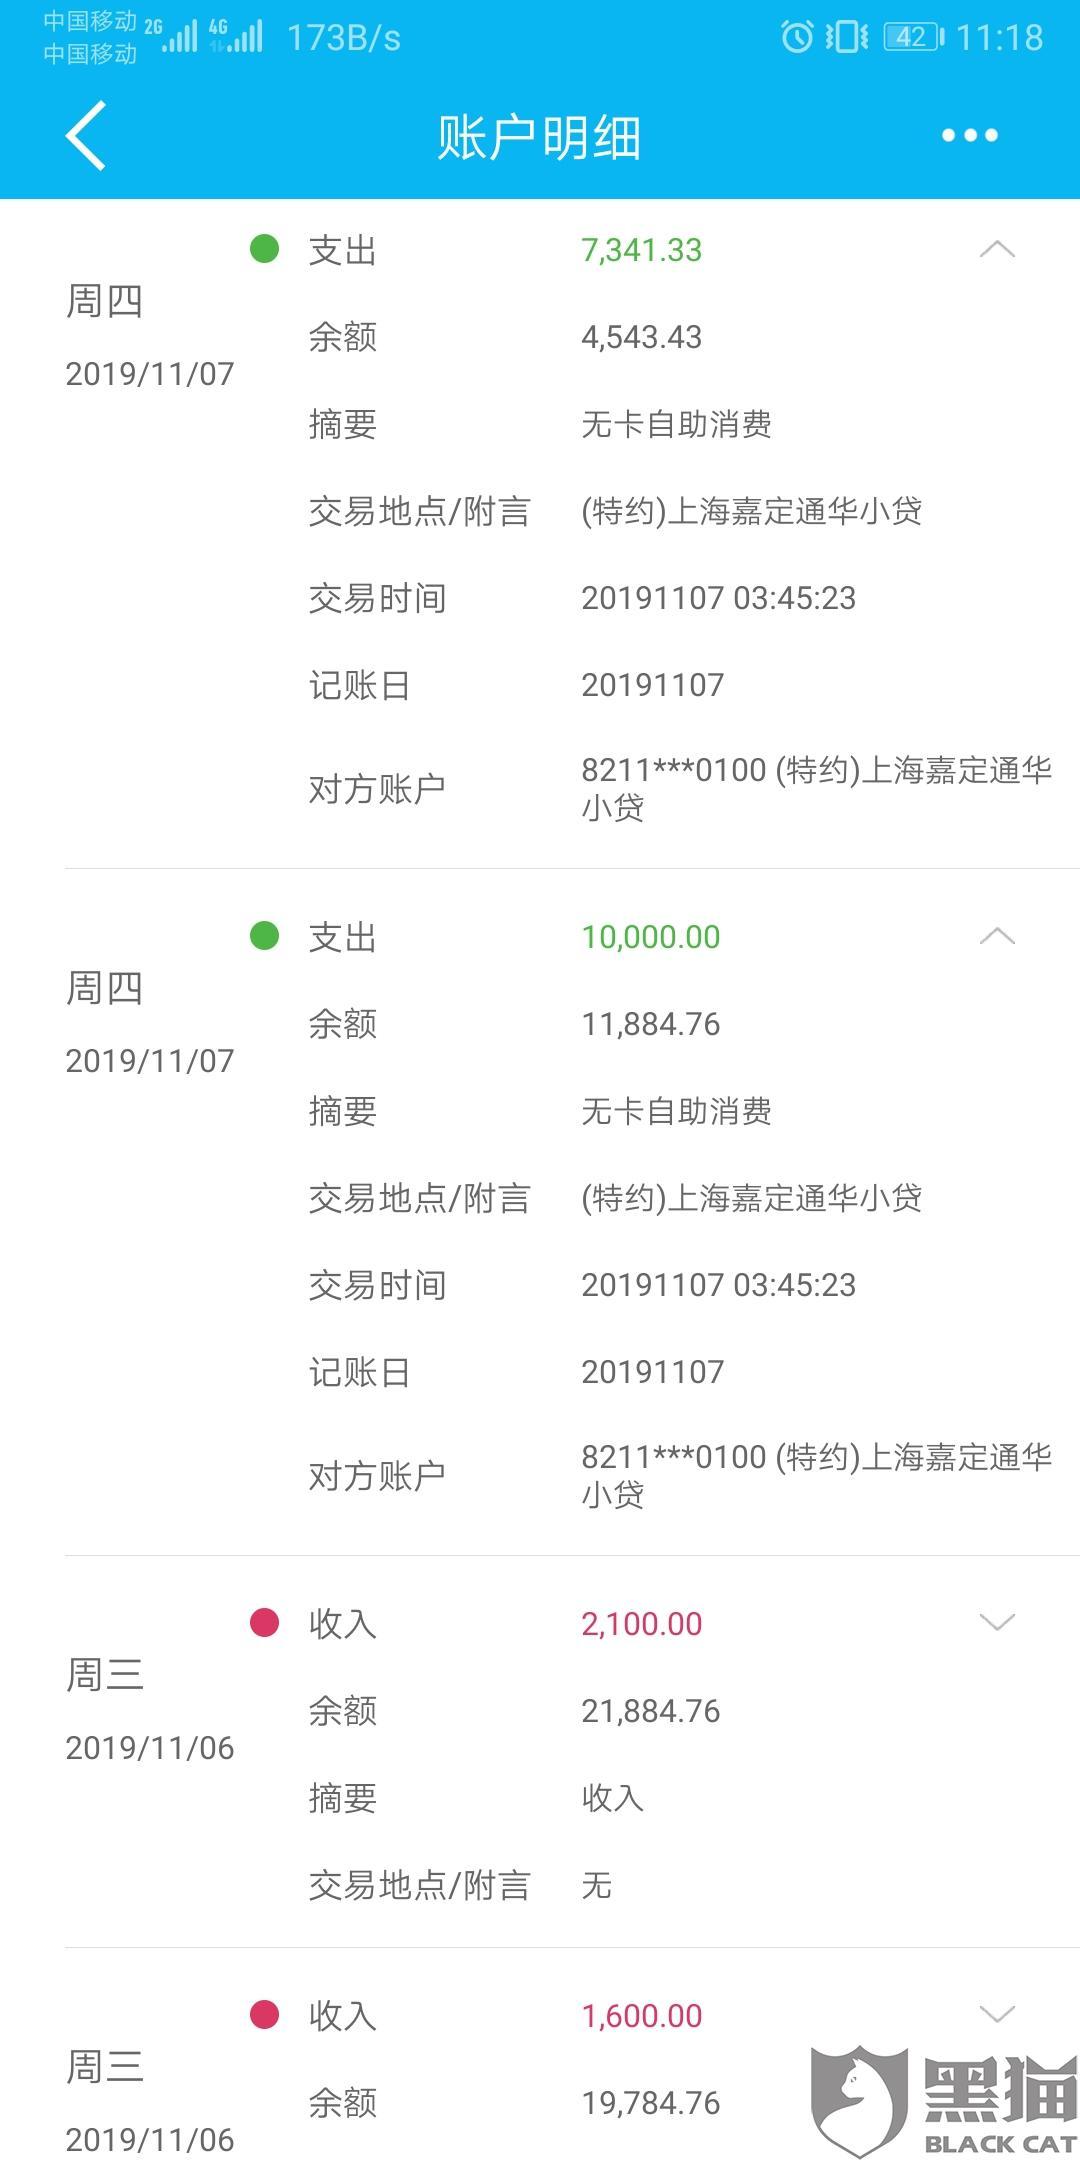 黑猫投诉:上海嘉定通华小贷公司恶意扣款